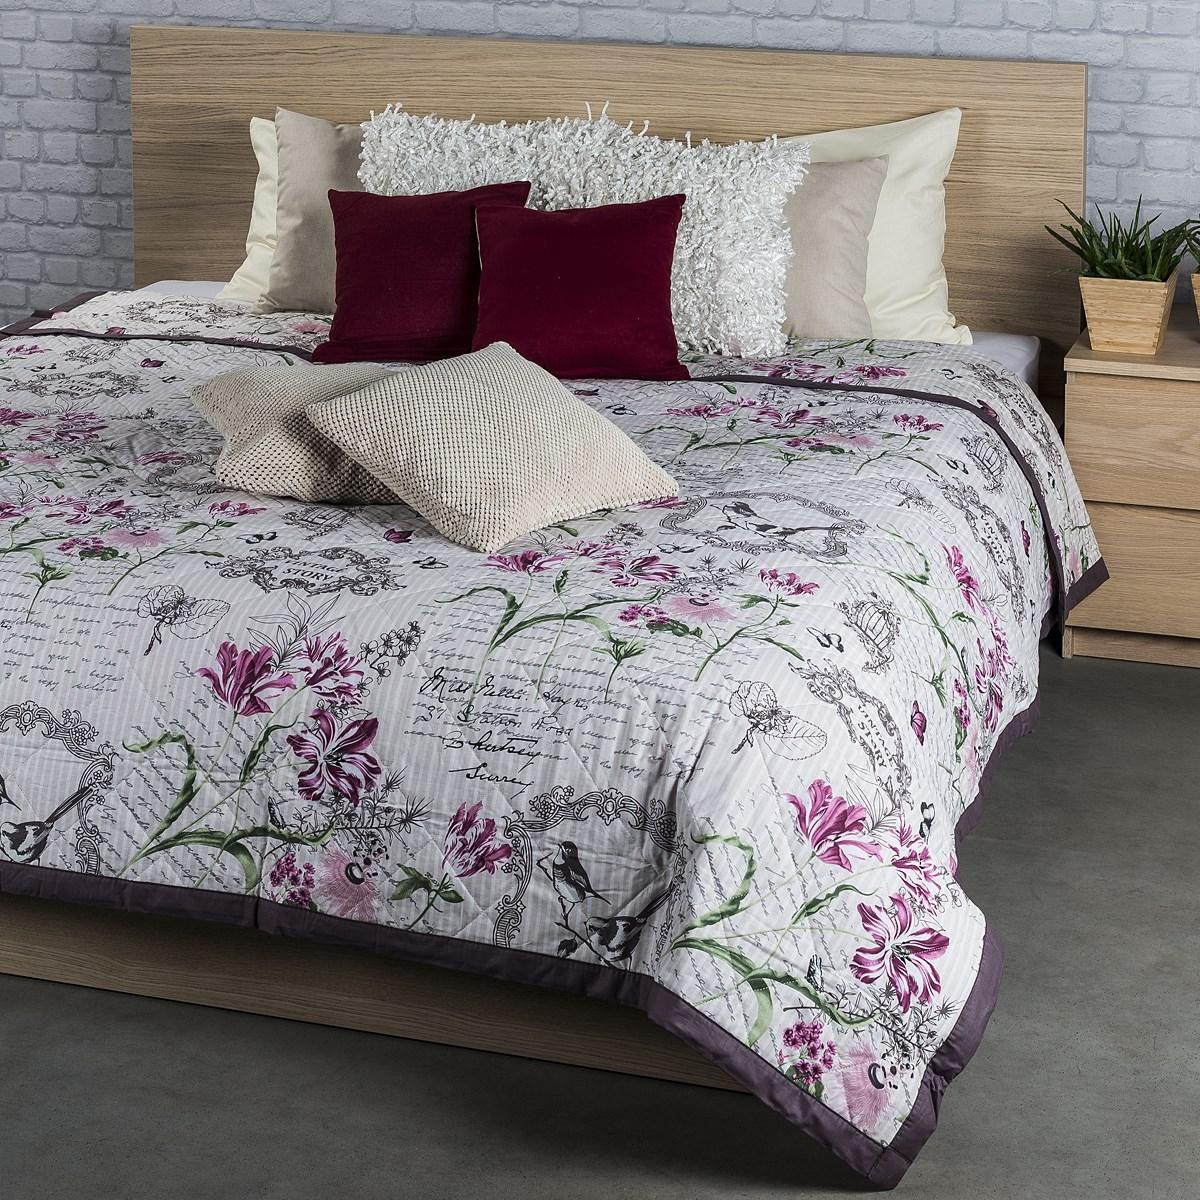 prehoz na poste valeria fialov 160 x 220 cm bytov doplnky a dekor cie. Black Bedroom Furniture Sets. Home Design Ideas